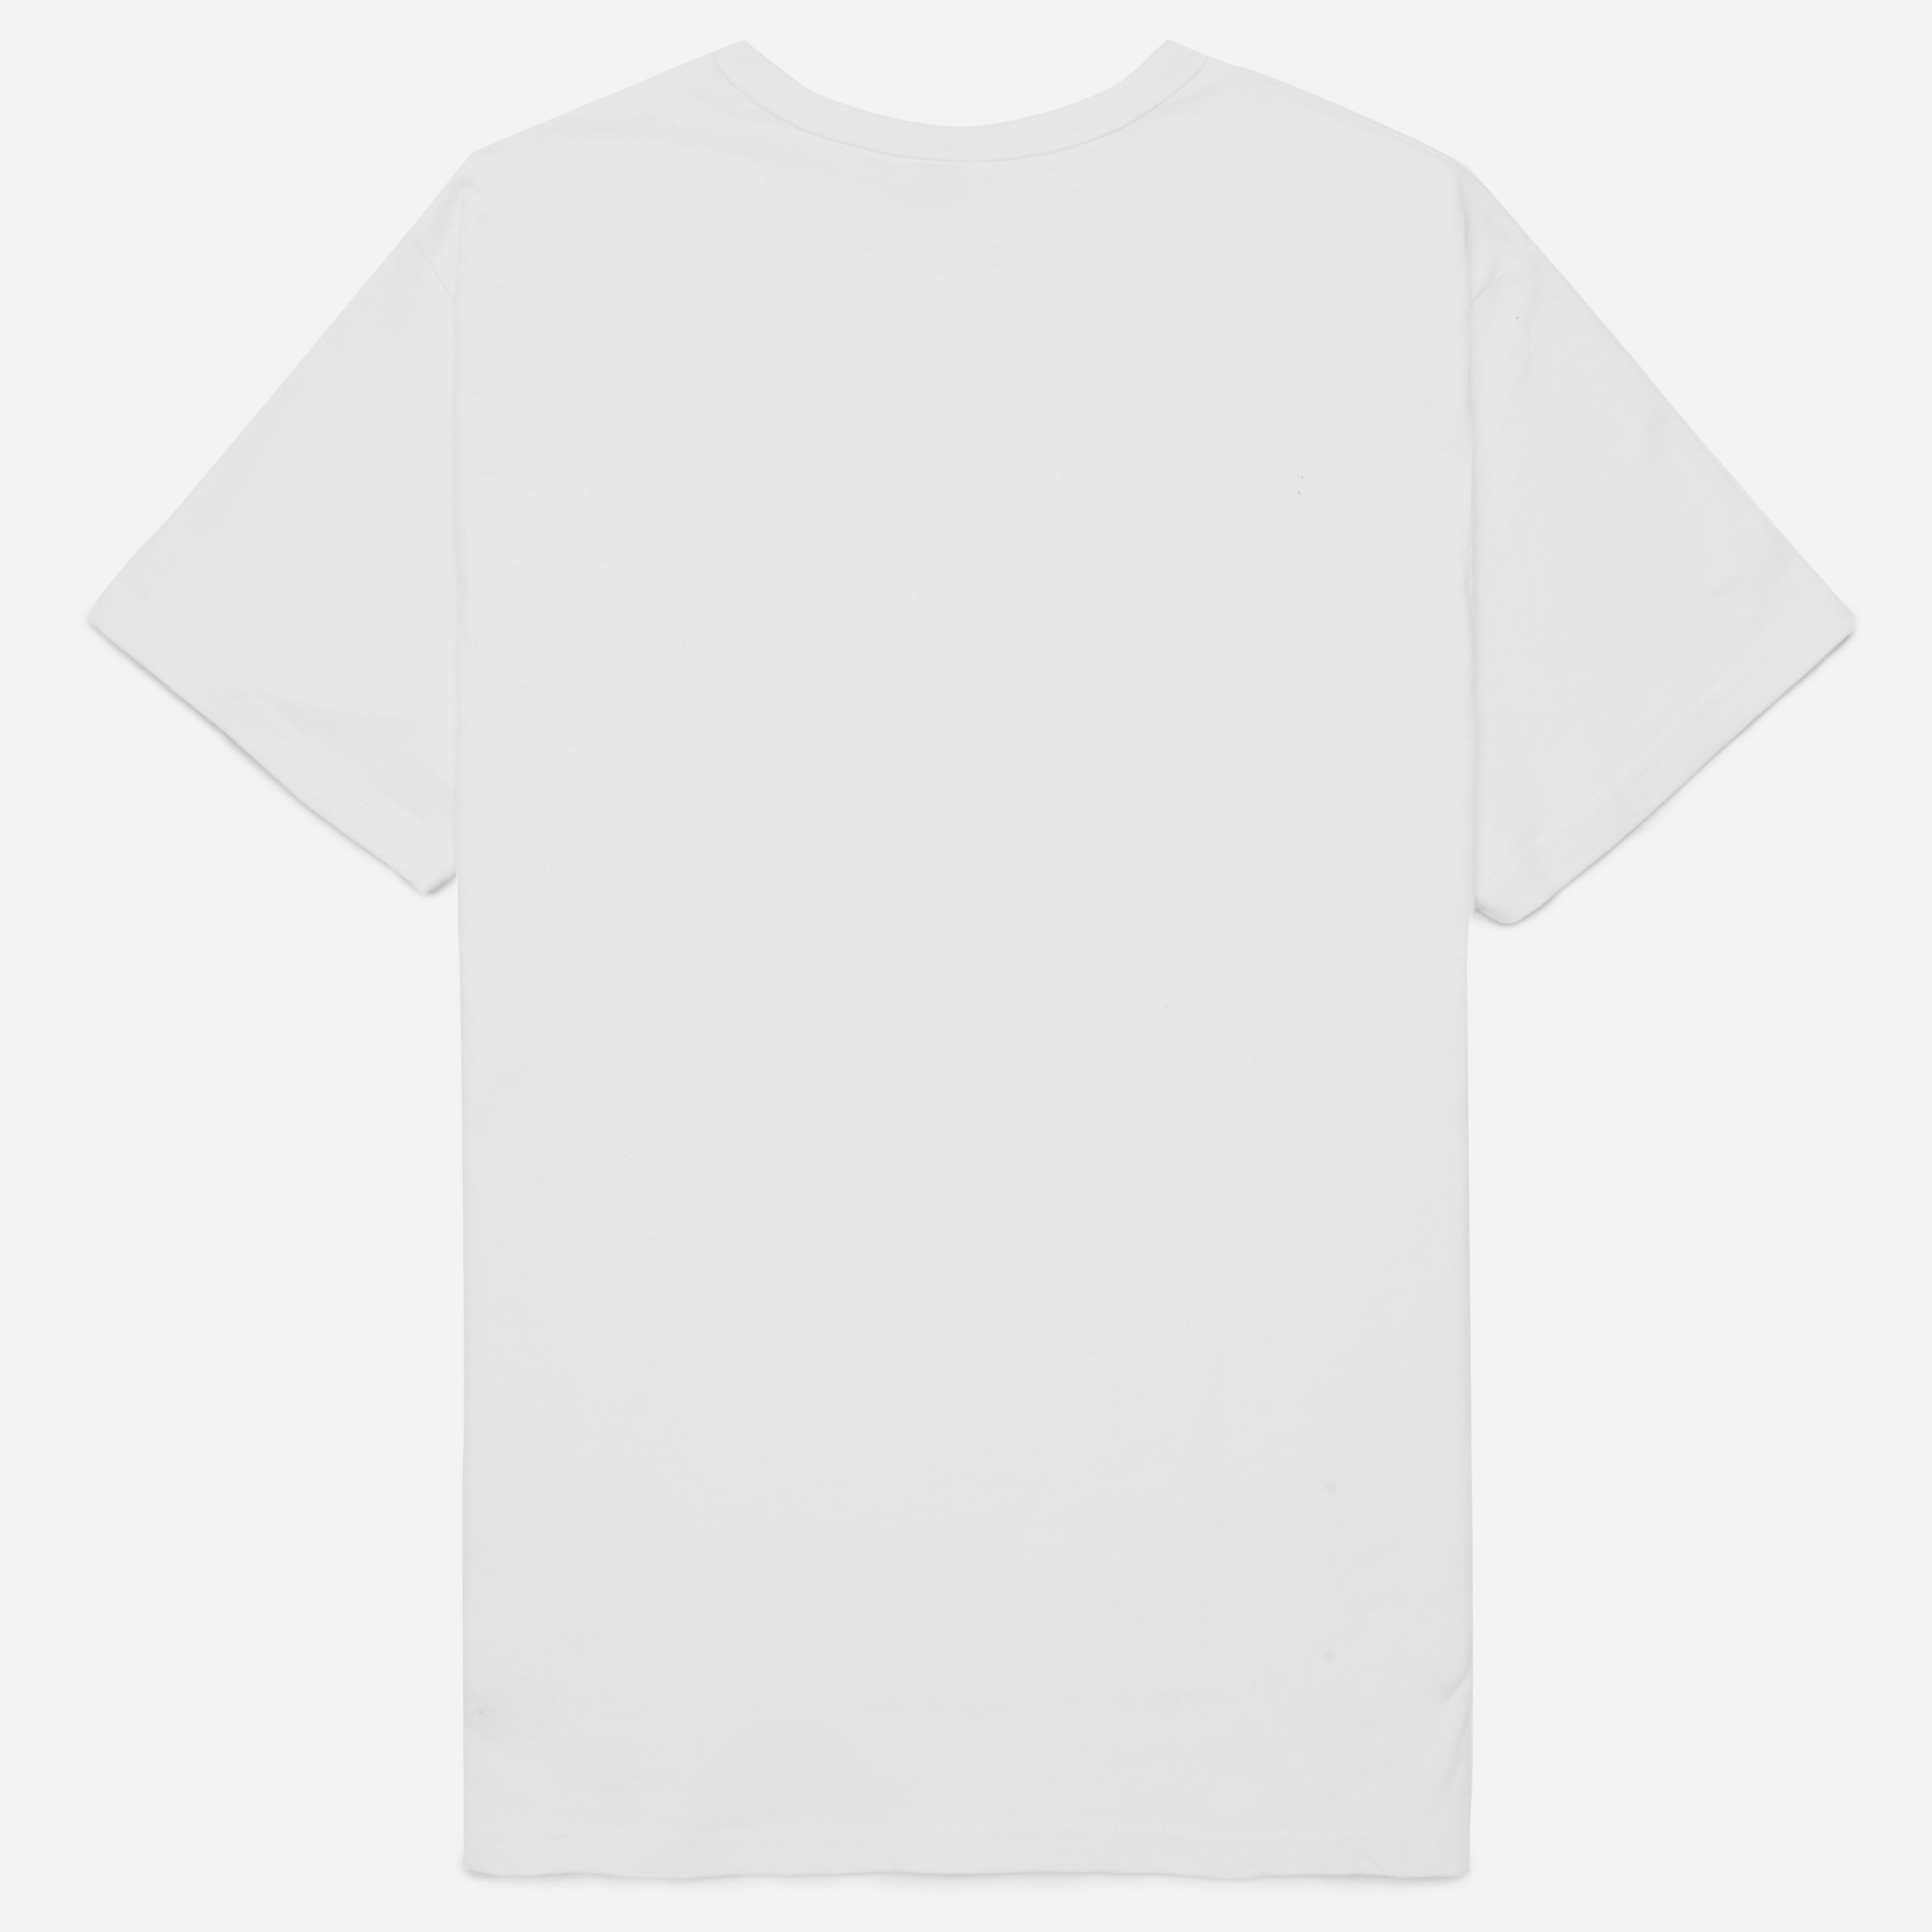 TSPTR New York T-shirt